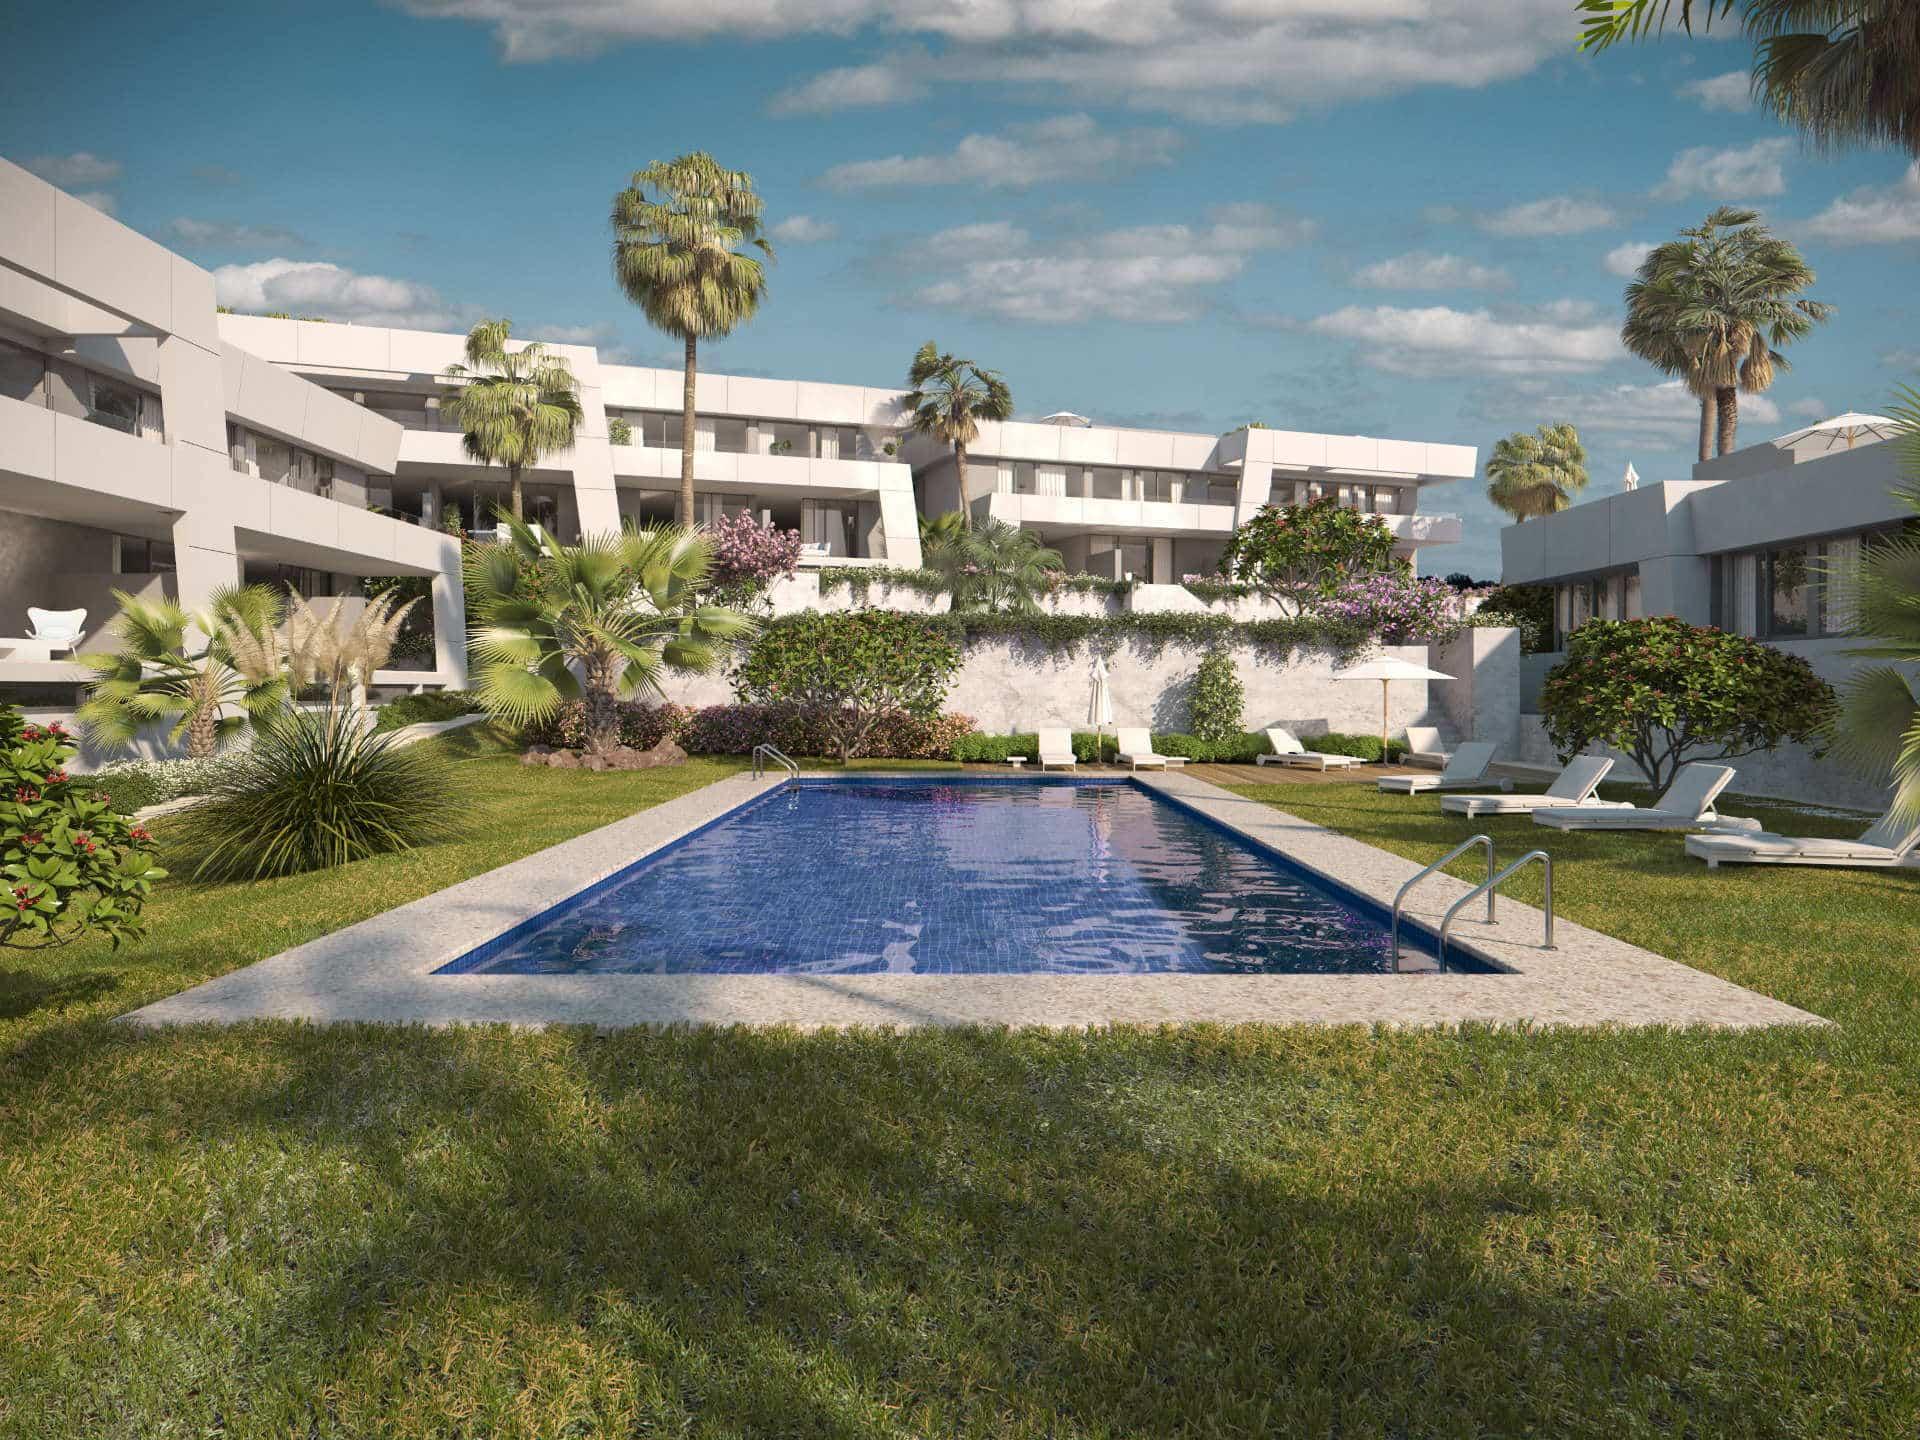 La Finca de Marbella Townhouses